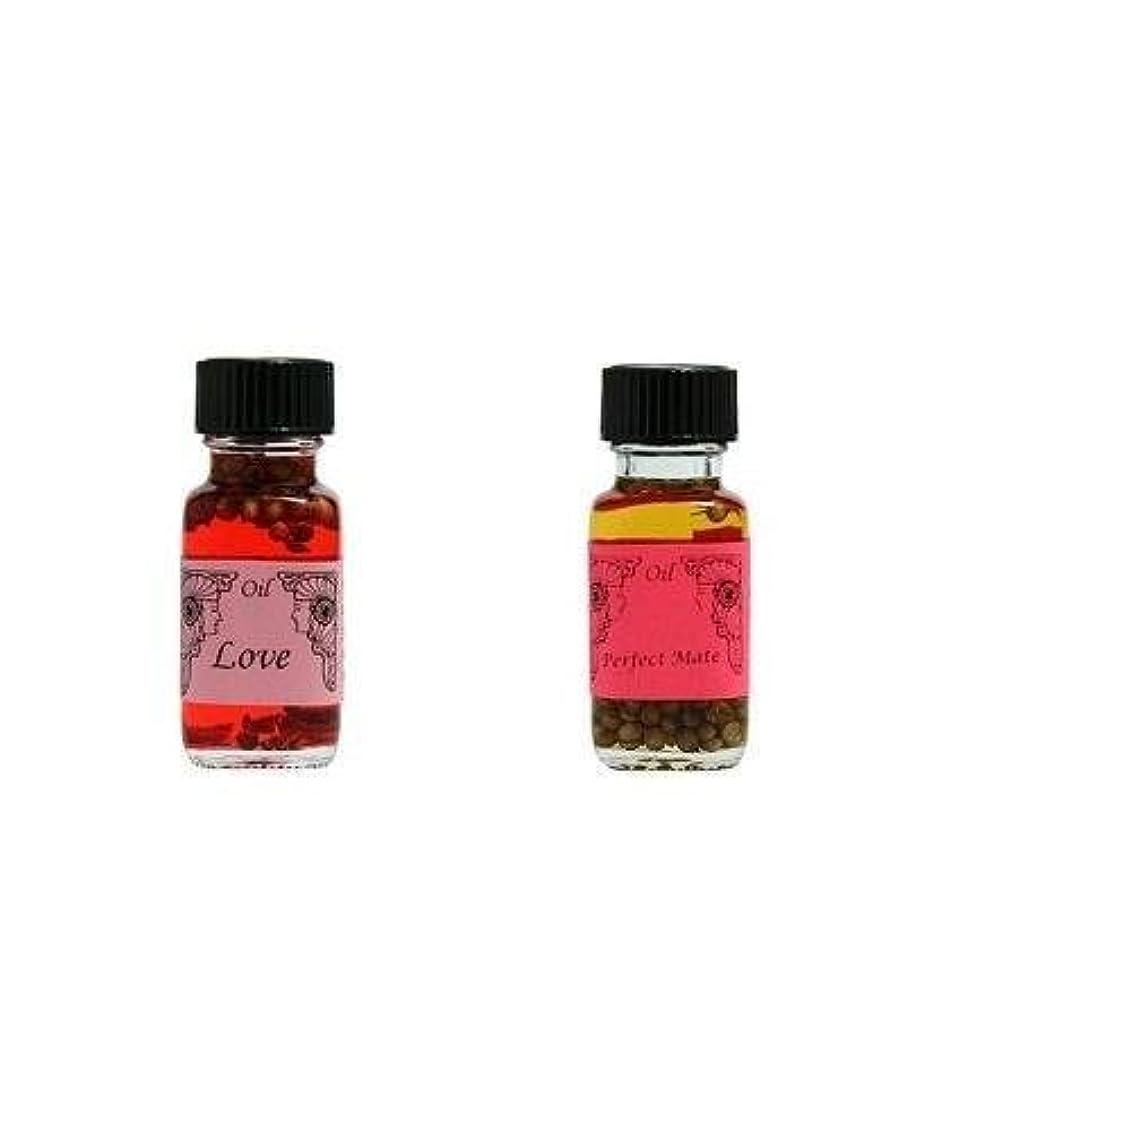 降ろす栄養ベイビー【愛】+【パートナー】Ancient Memory Oils 【人気の2点セット】アンシェントメモリーオイル【LOVE】 +【PERFECT MATE】 【海外直送品】